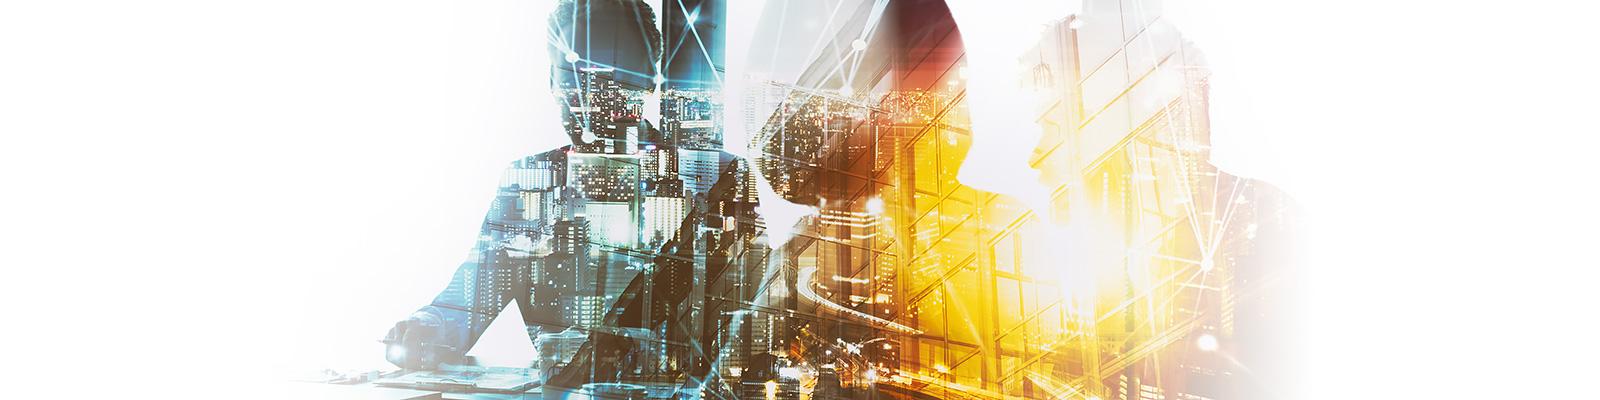 カンファレンス 都市 ネットワーク イメージ